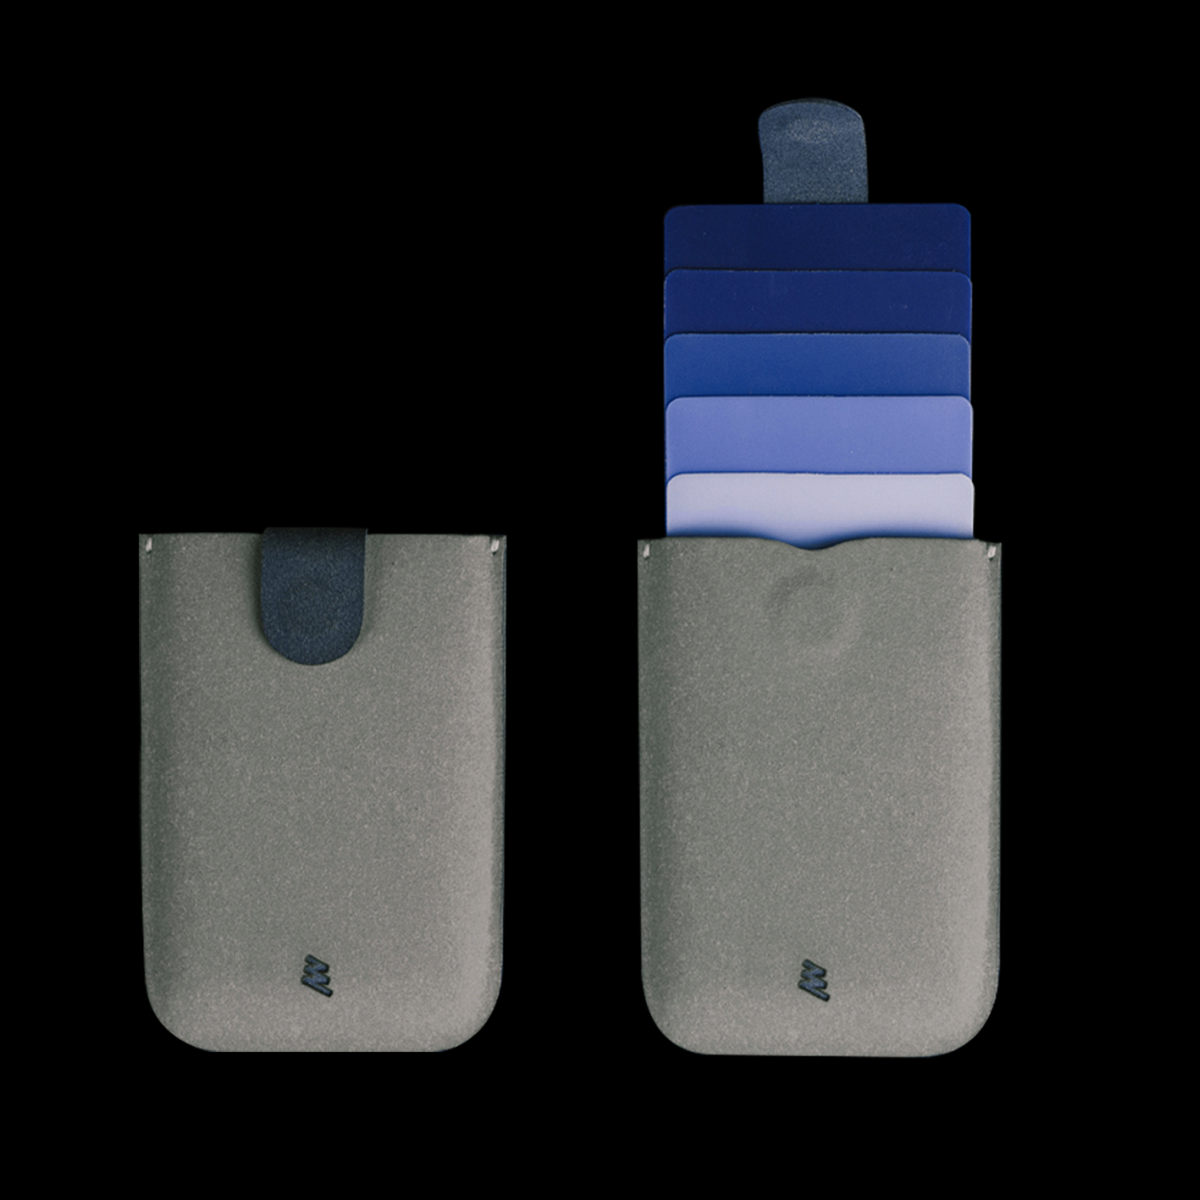 dax ארנק משיכה מינימליסטי משודרג V2.0 - אפור \ כחול